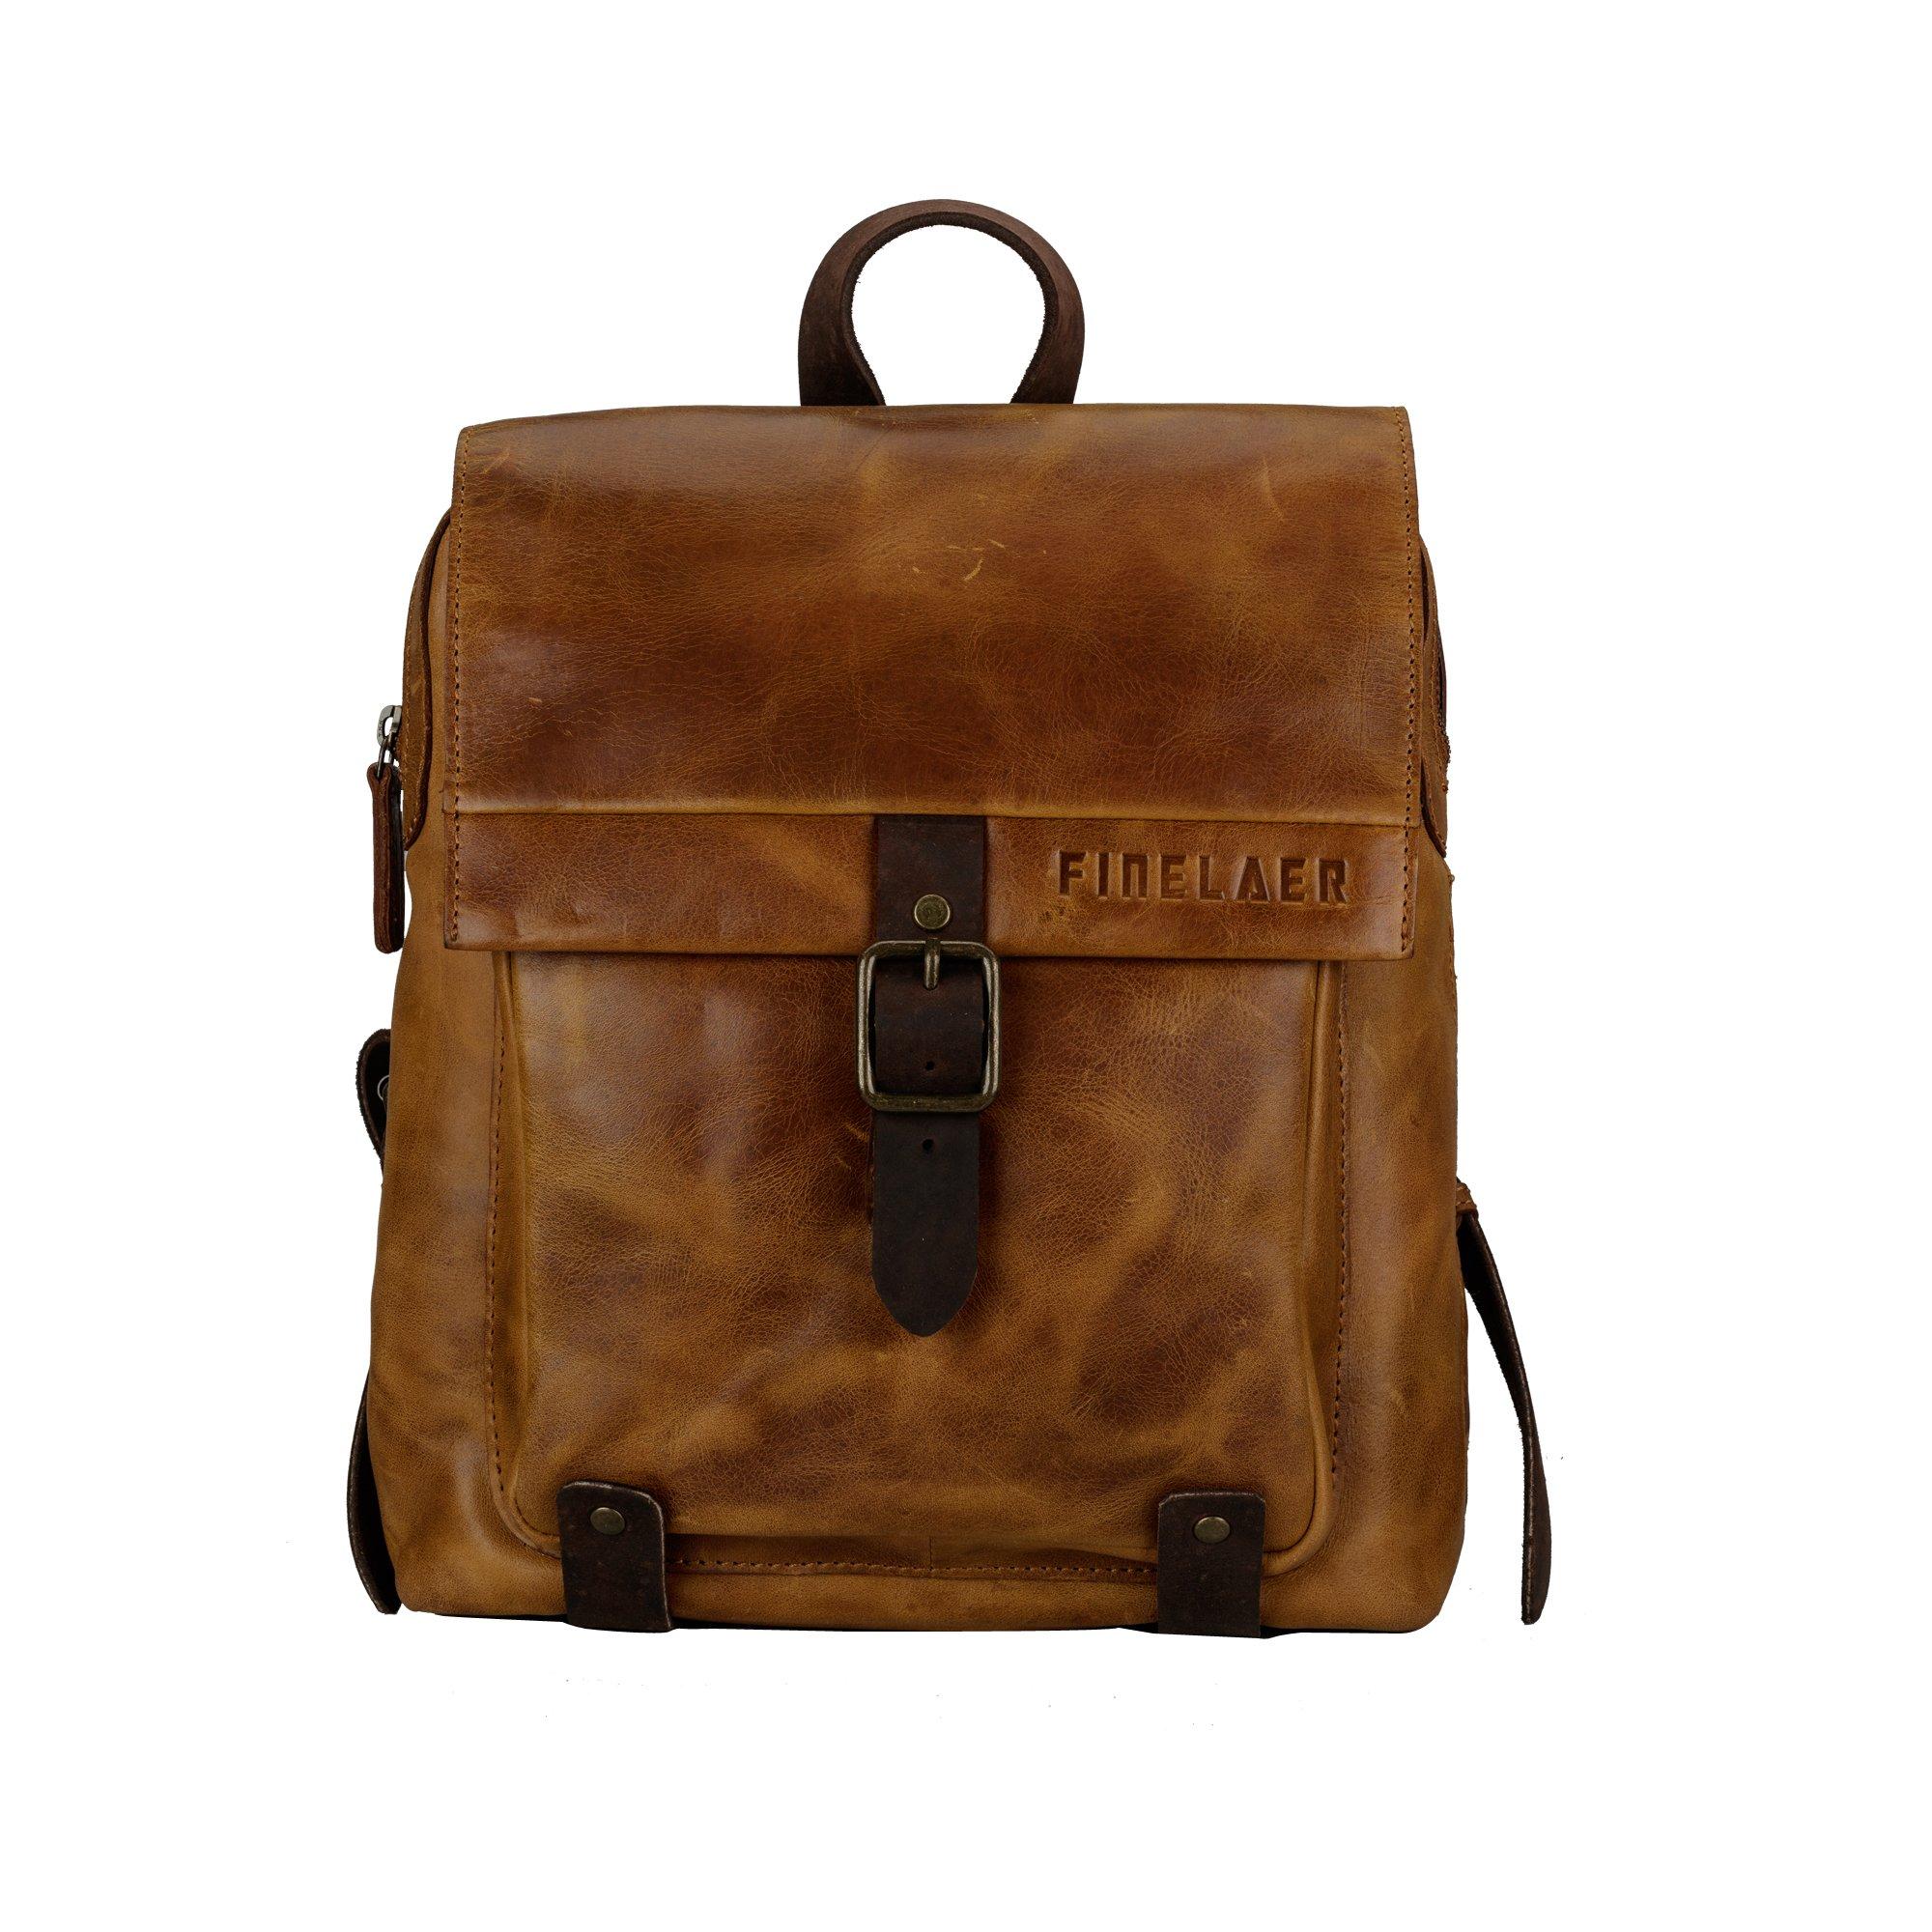 Finelaer Vintage Genuine Leather Backpack DayPack Travel College Bag Brown Men Women by FINELAER